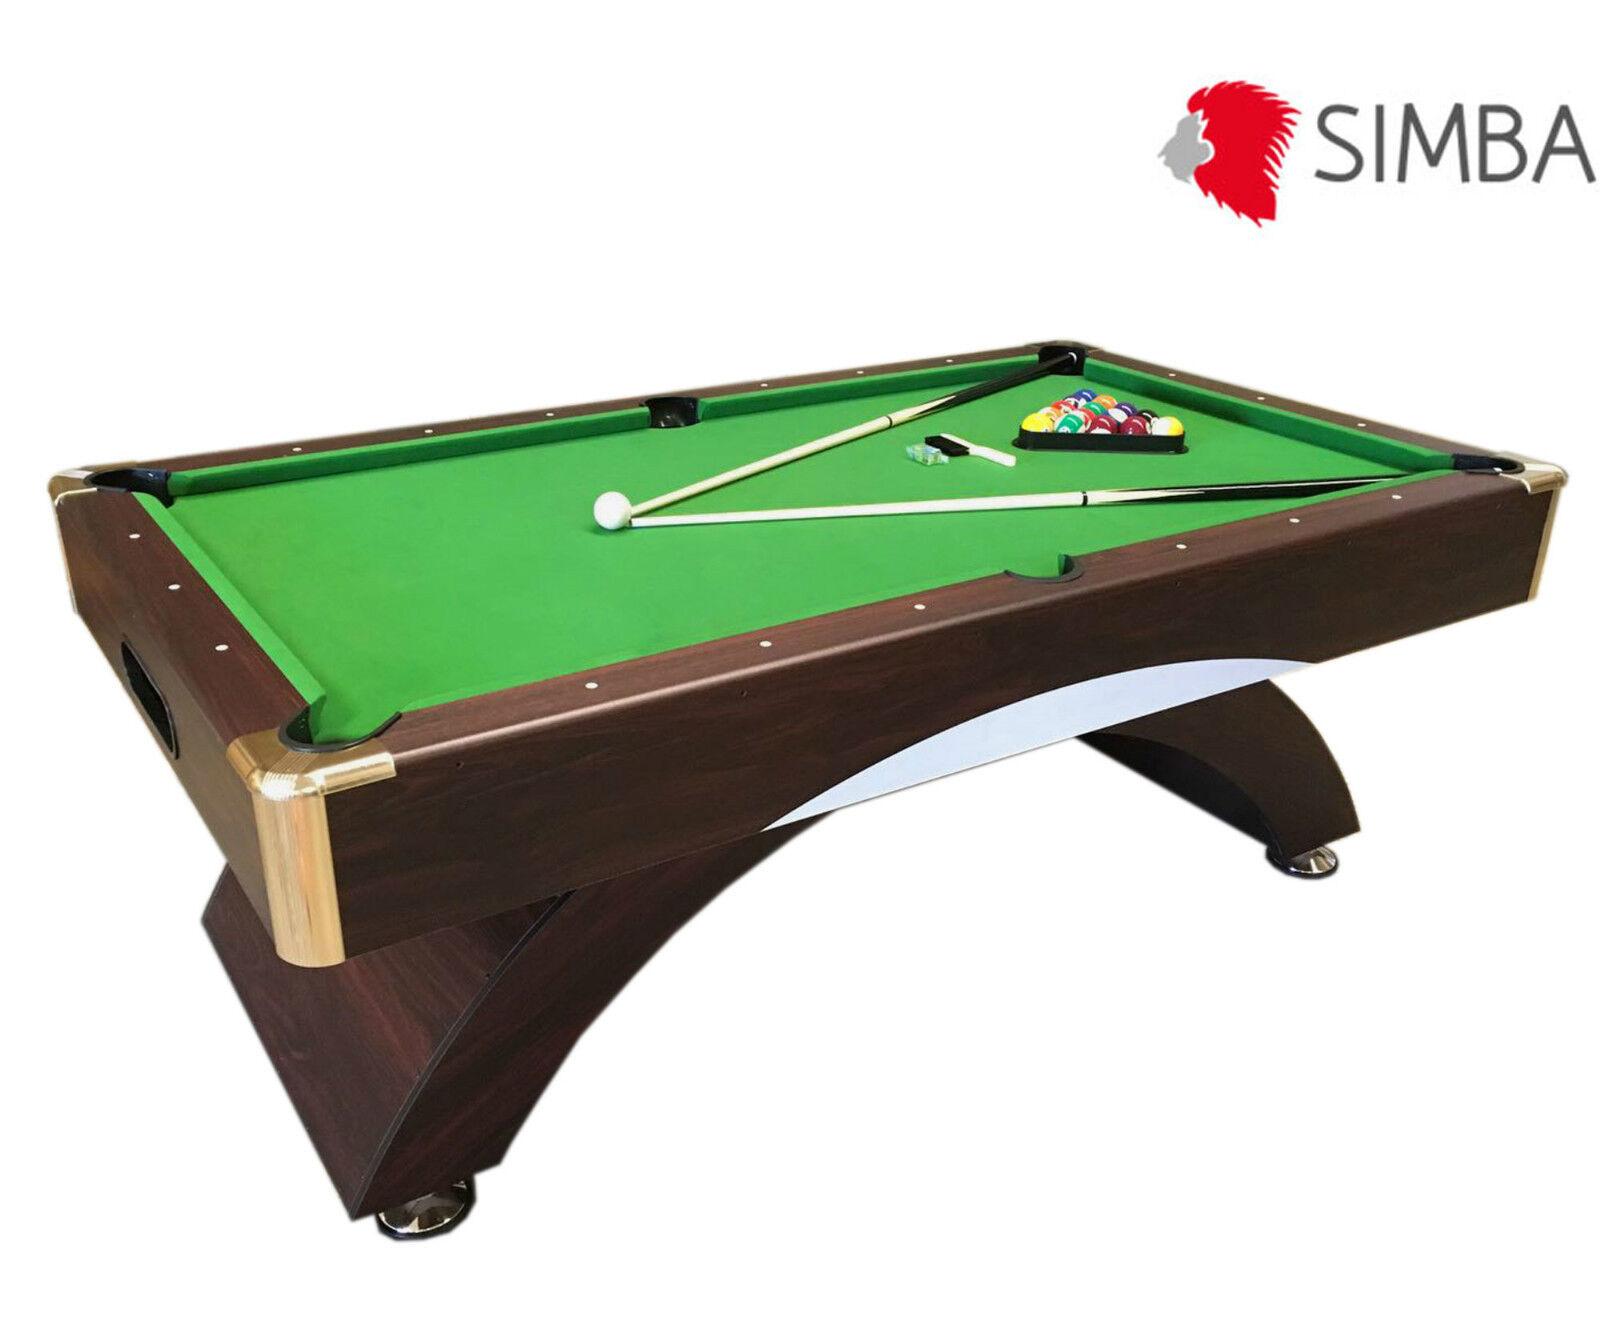 Mesa de billar juegos de billar pool 7 ft carambola Medición de 188 X 96 cm Verd